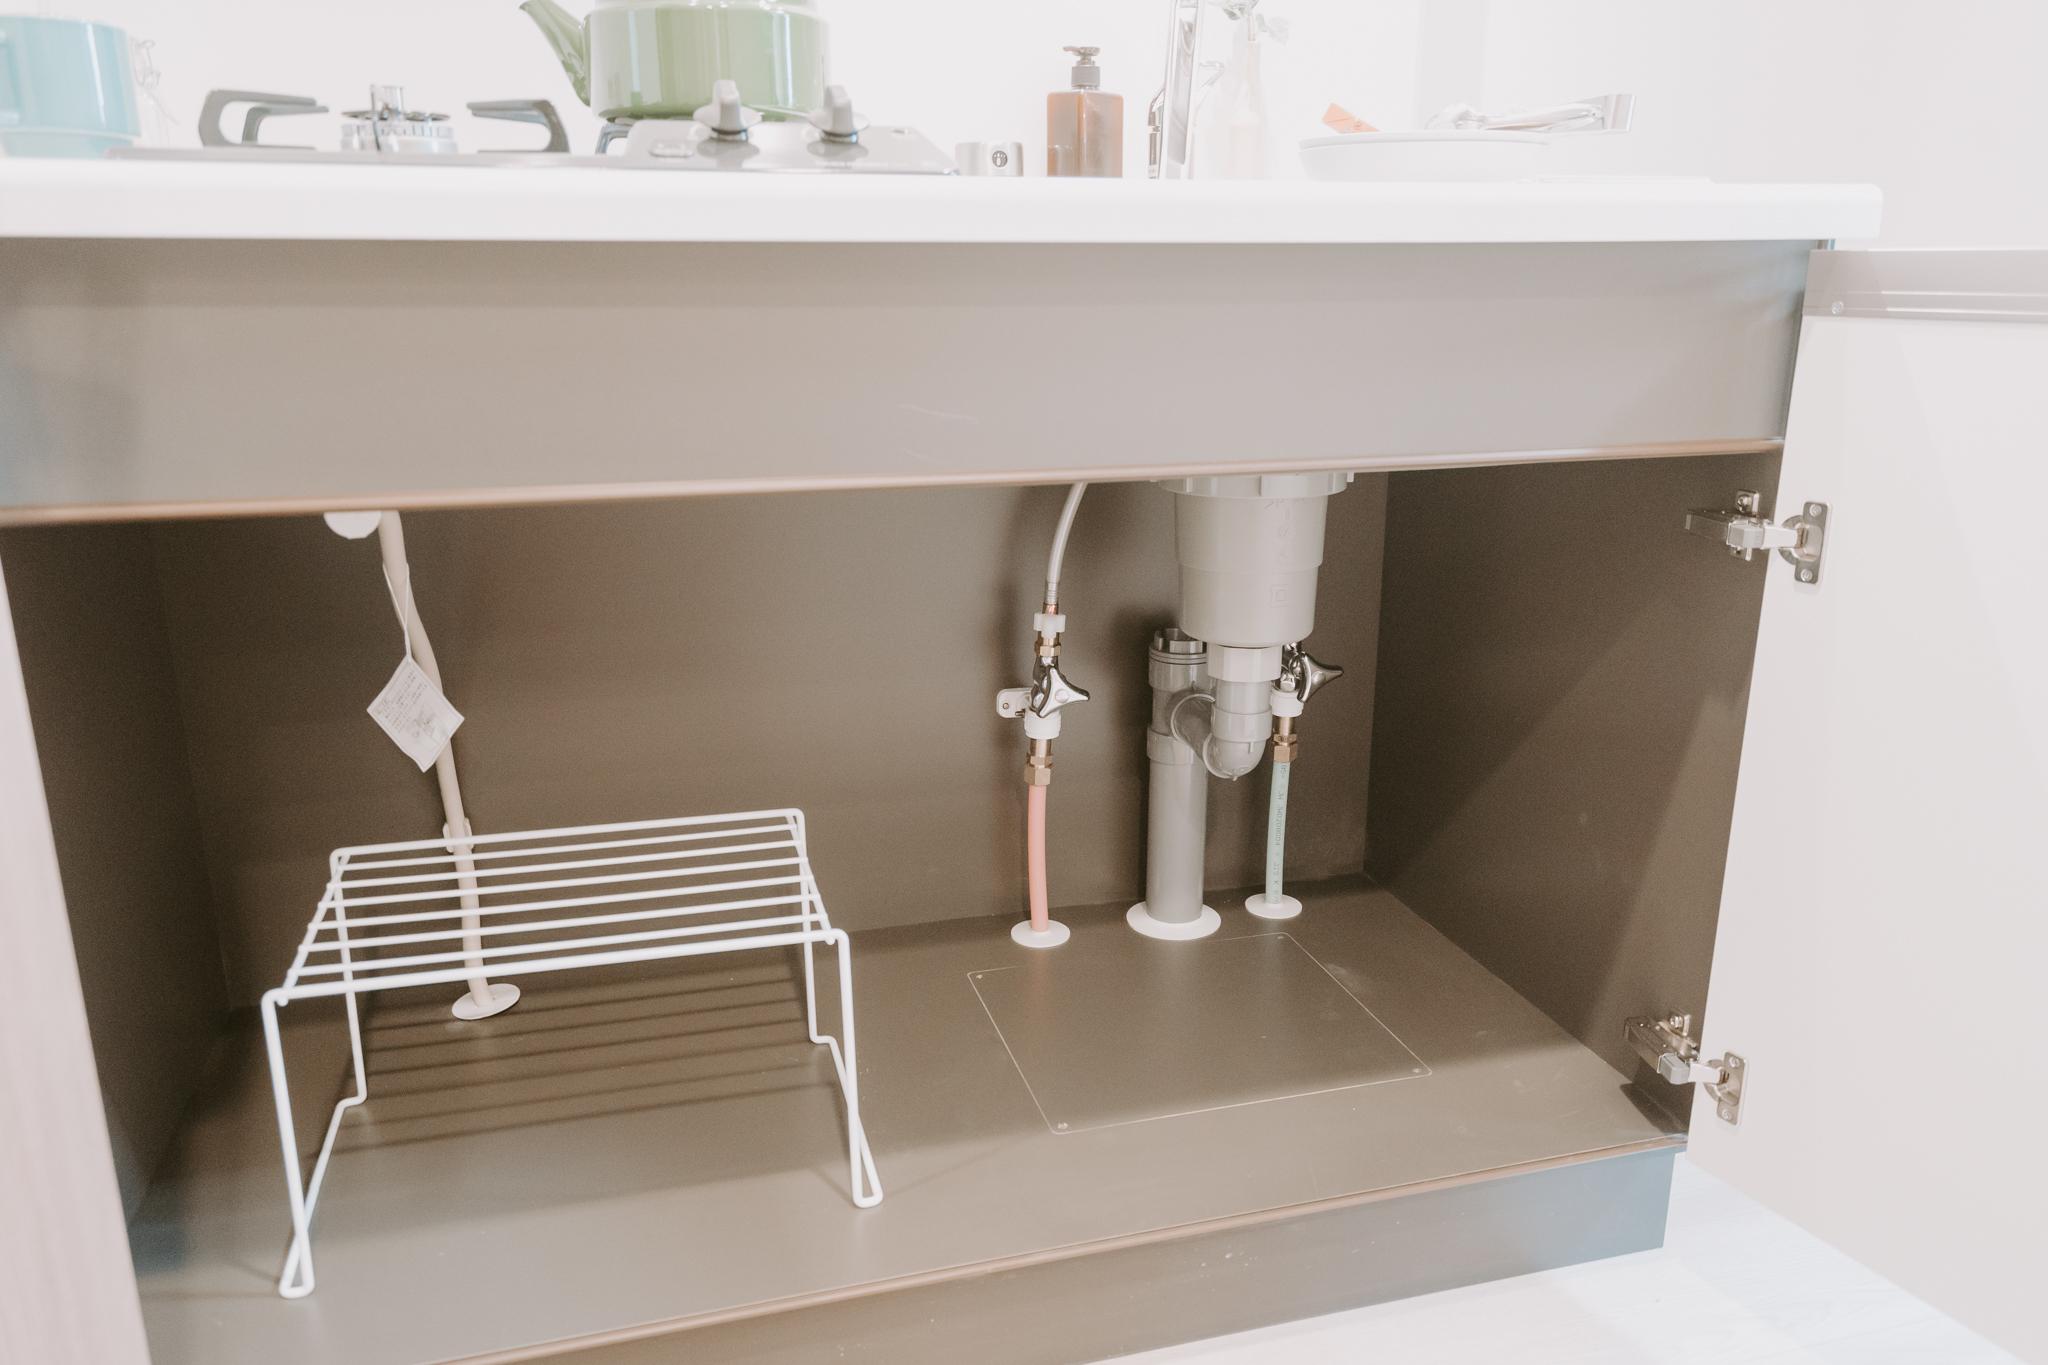 キッチン下の収納スペースもかなり広々。フライパンや食器など、一通りのものは入りそうです。